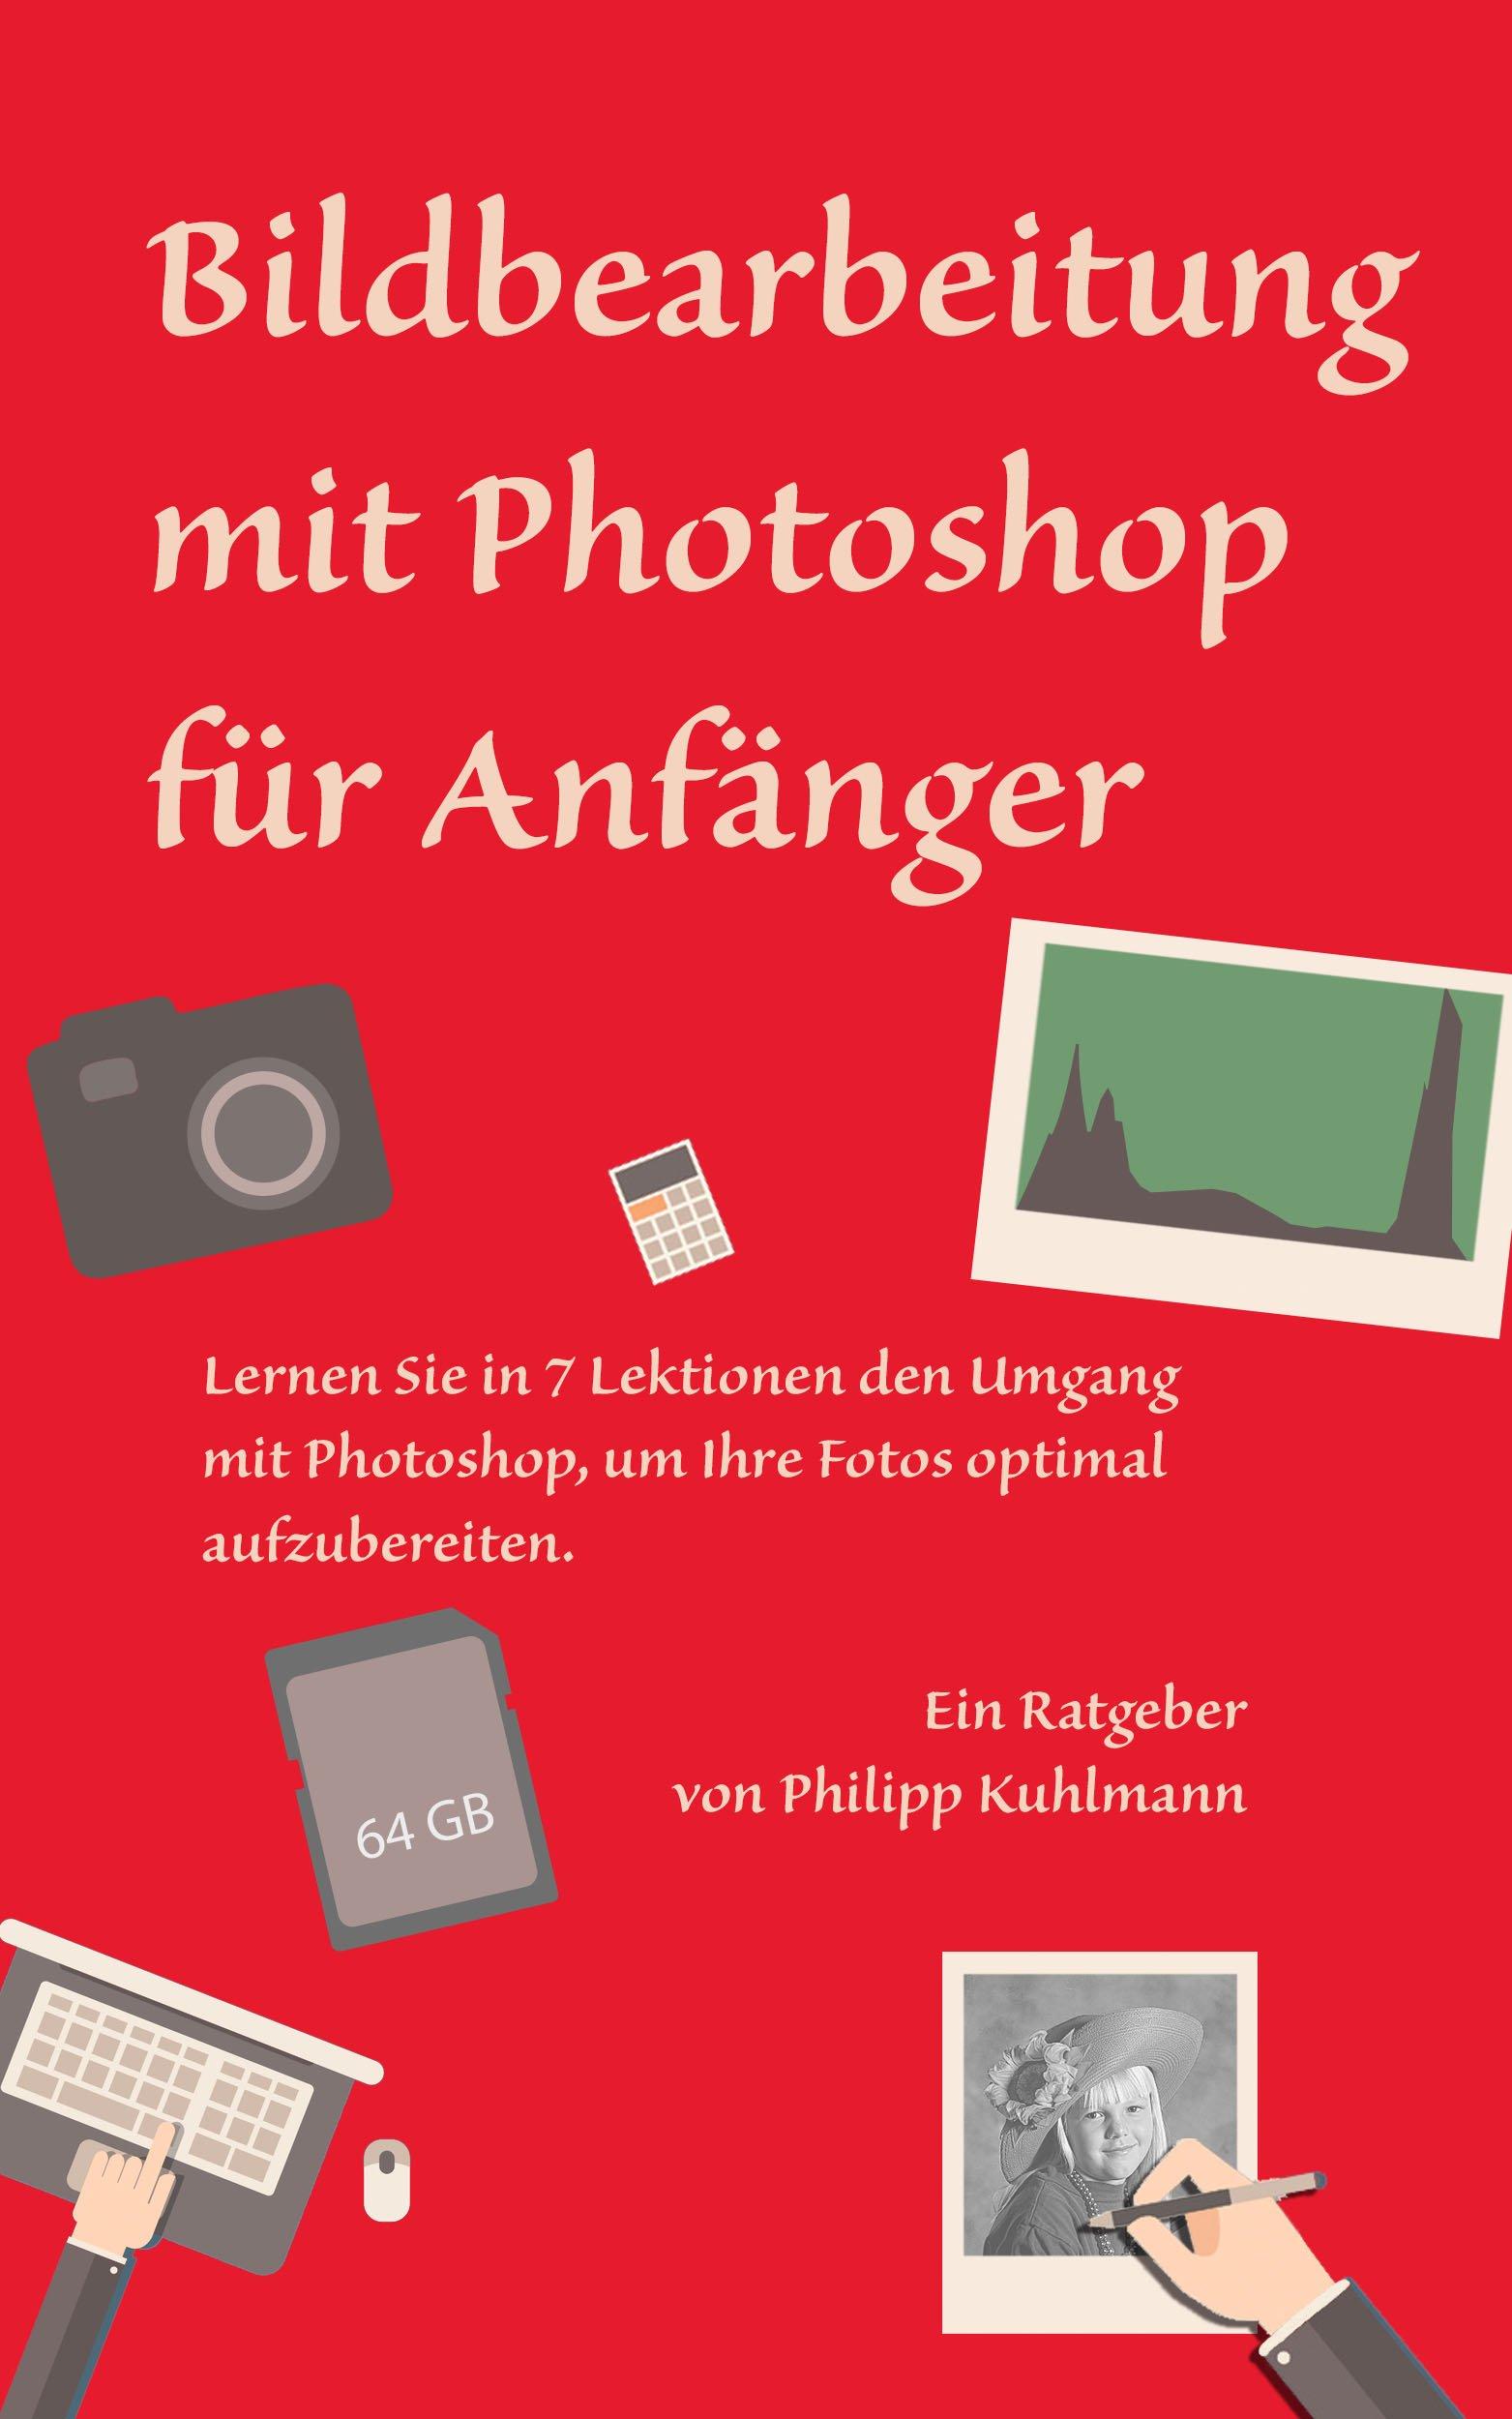 Bildbearbeitung Mit Photoshop Für Anfänger  Lernen Sie In 7 Lektionen Den Umgang Mit Photoshop Um Ihre Fotos Optimal Aufzubereiten